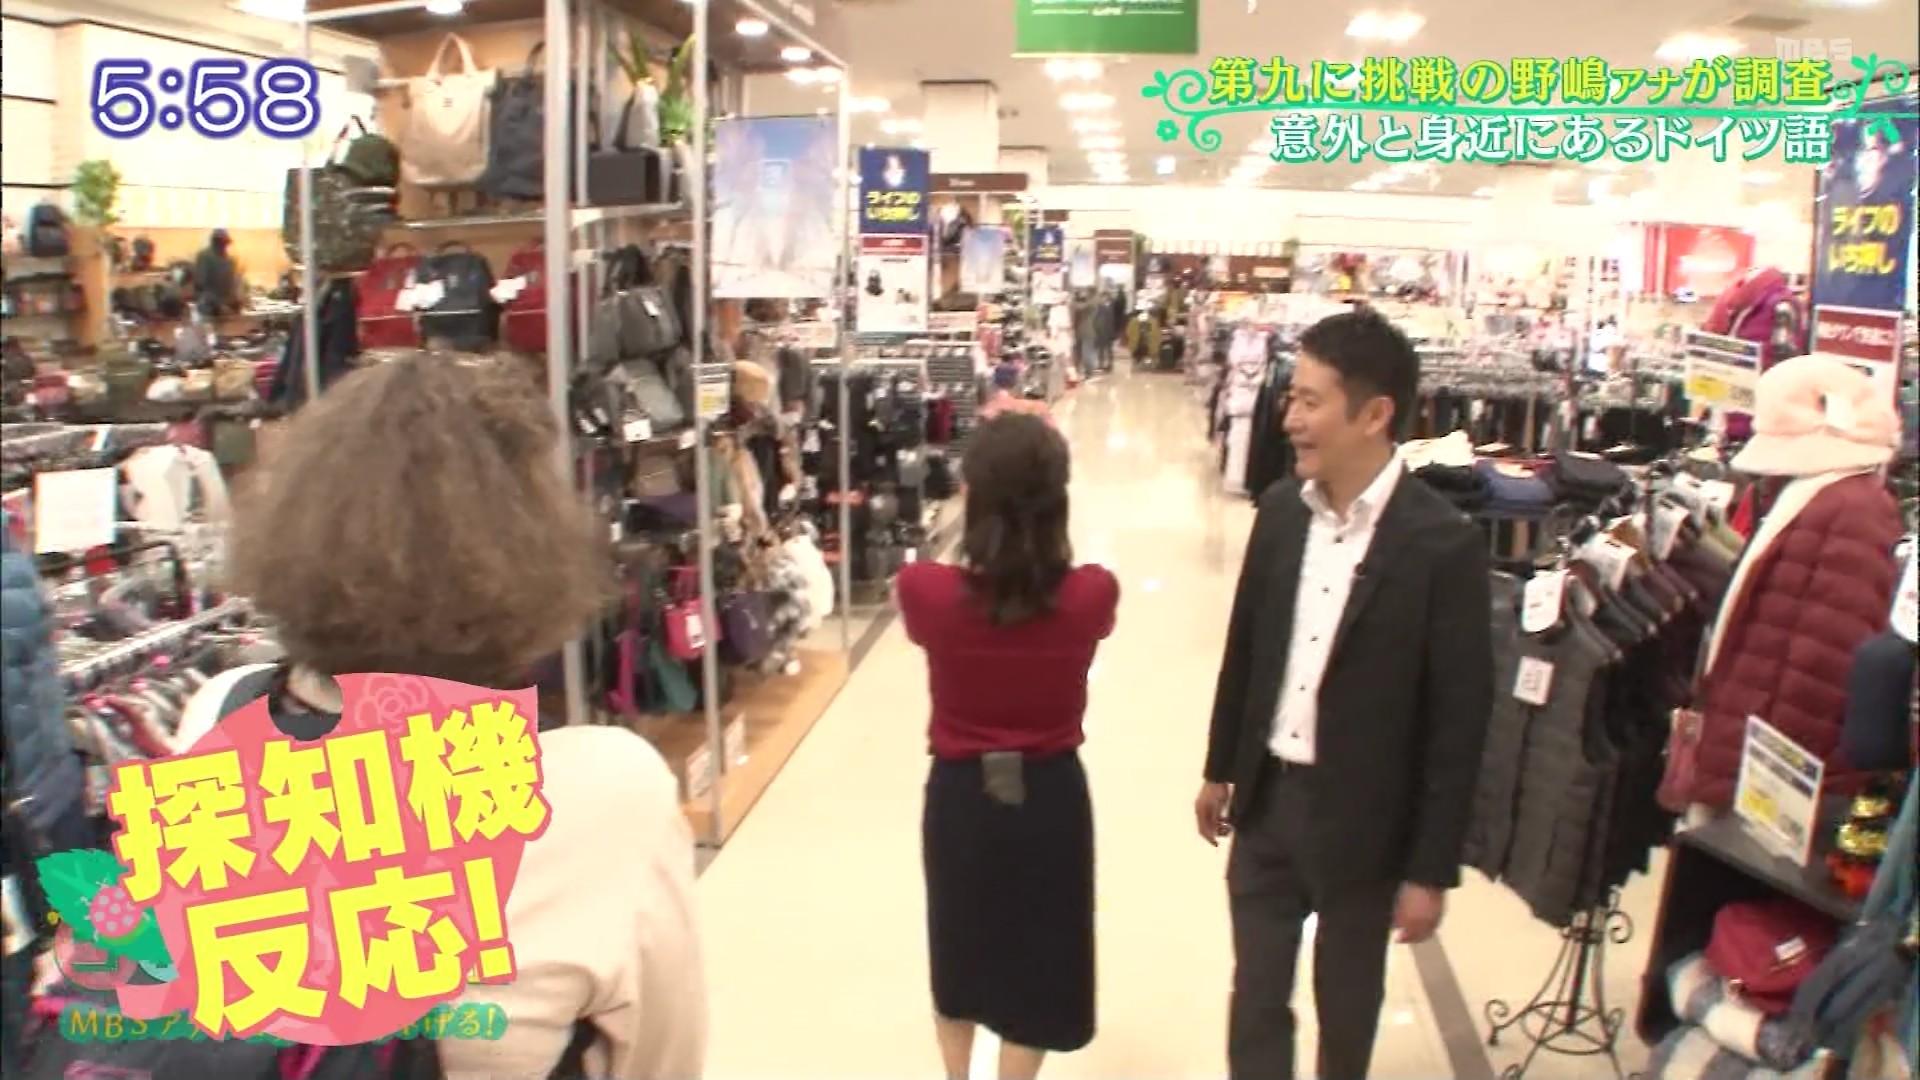 12月1日に放送された「コトノハ図鑑」に出演したMBS女子アナ・野嶋紗己子さんのテレビキャプチャー画像-028